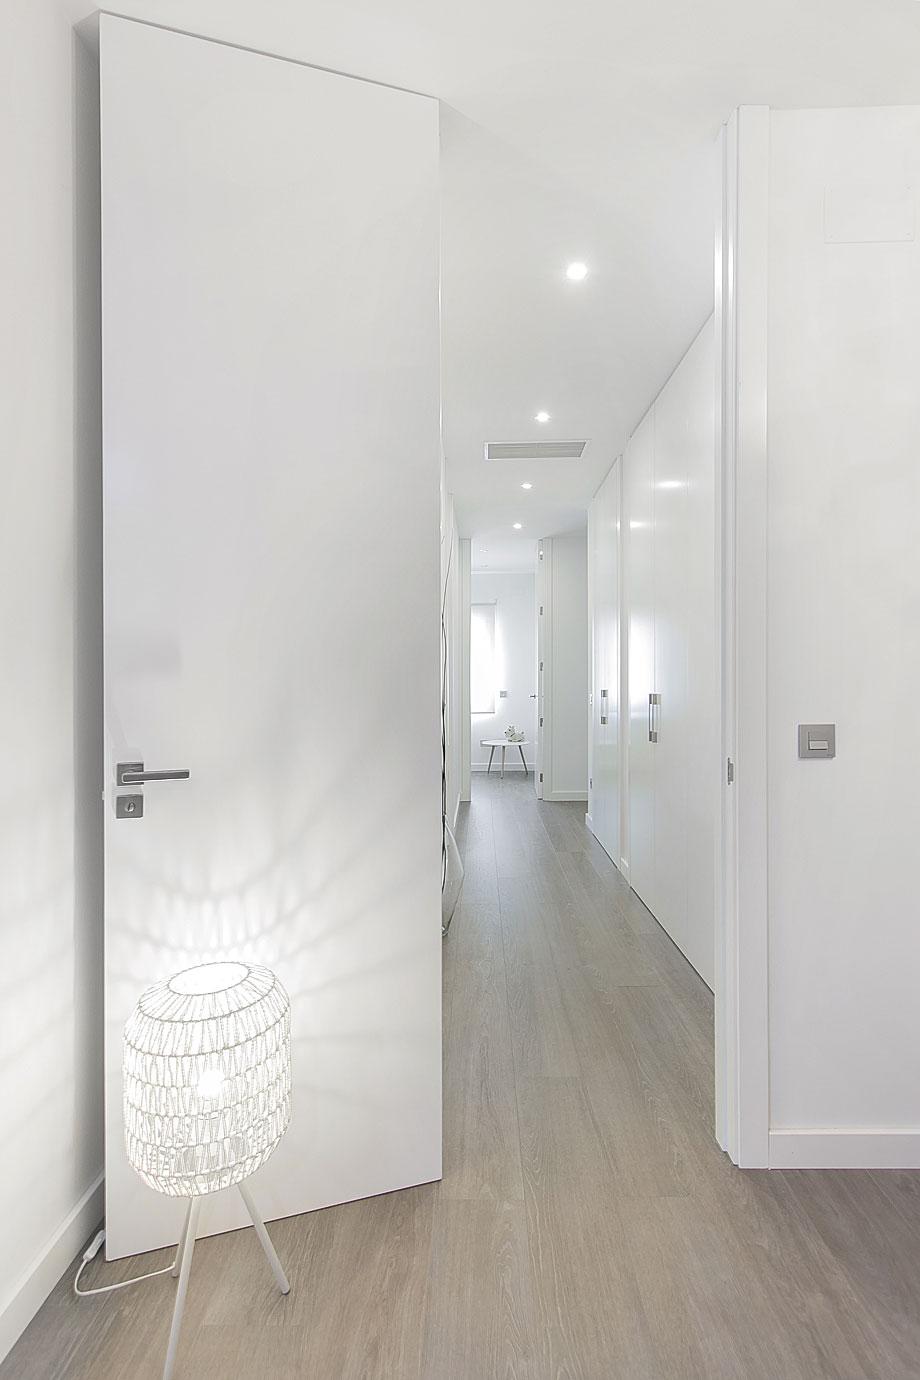 diseño-interior-vivienda-madrid-amasl-estudio-artycocina-santos (21)